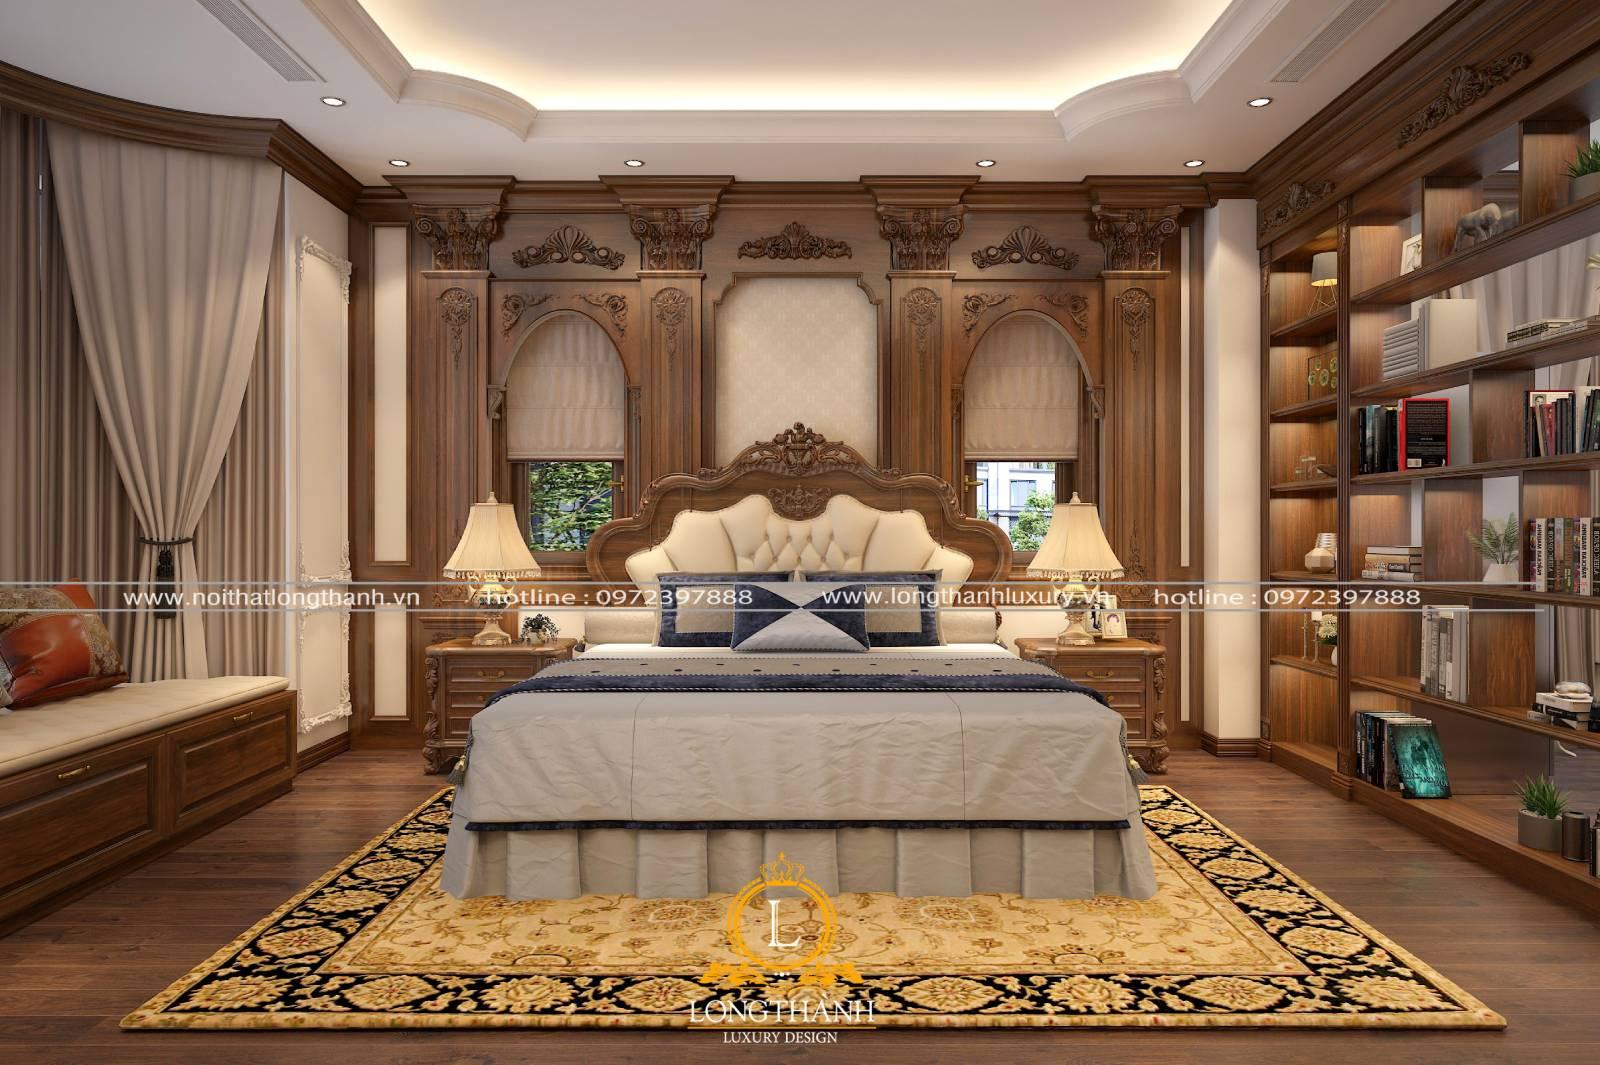 Mẫu giường ngủ master tân cổ điển đẹp làm từ da và gỗ tự nhiên